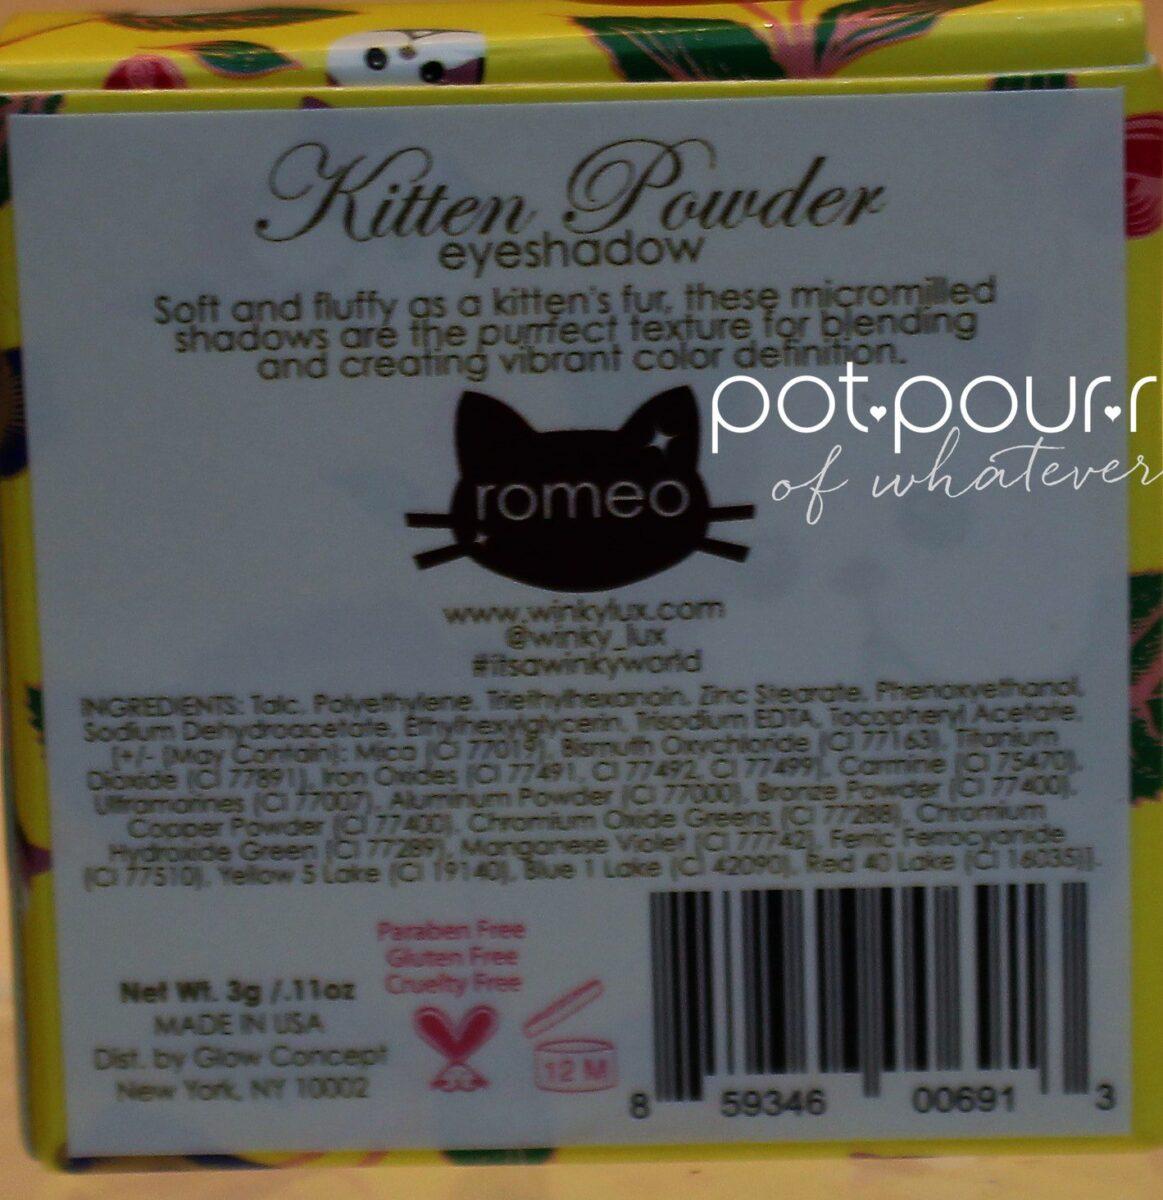 Winky-lux-kitten-powder-eyeshadow-romeo